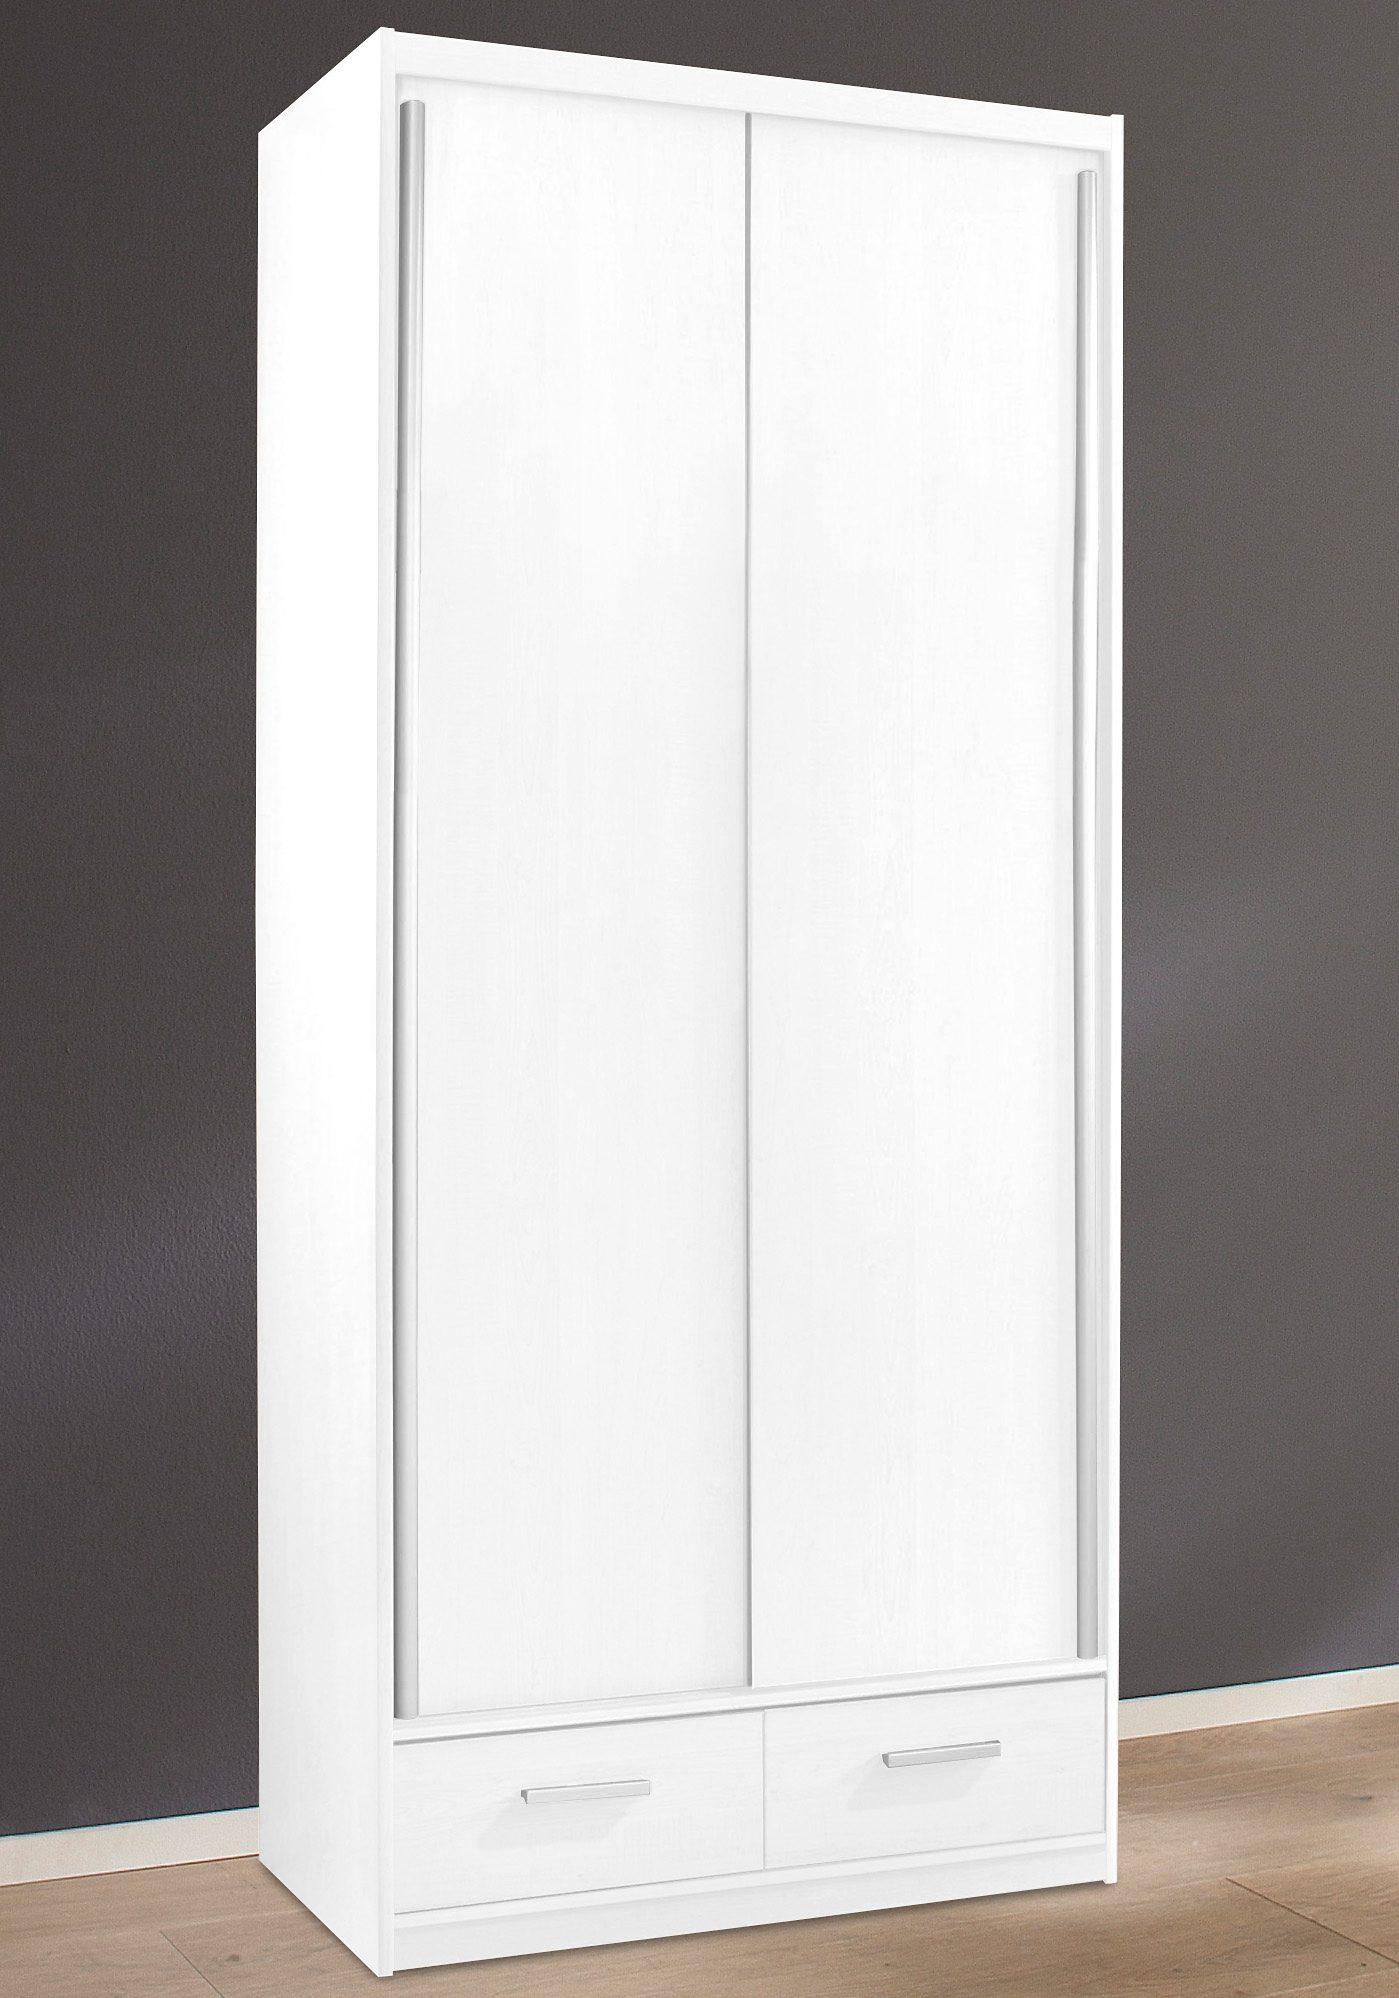 schiebet ren f r schrank kaufen vu02 hitoiro. Black Bedroom Furniture Sets. Home Design Ideas